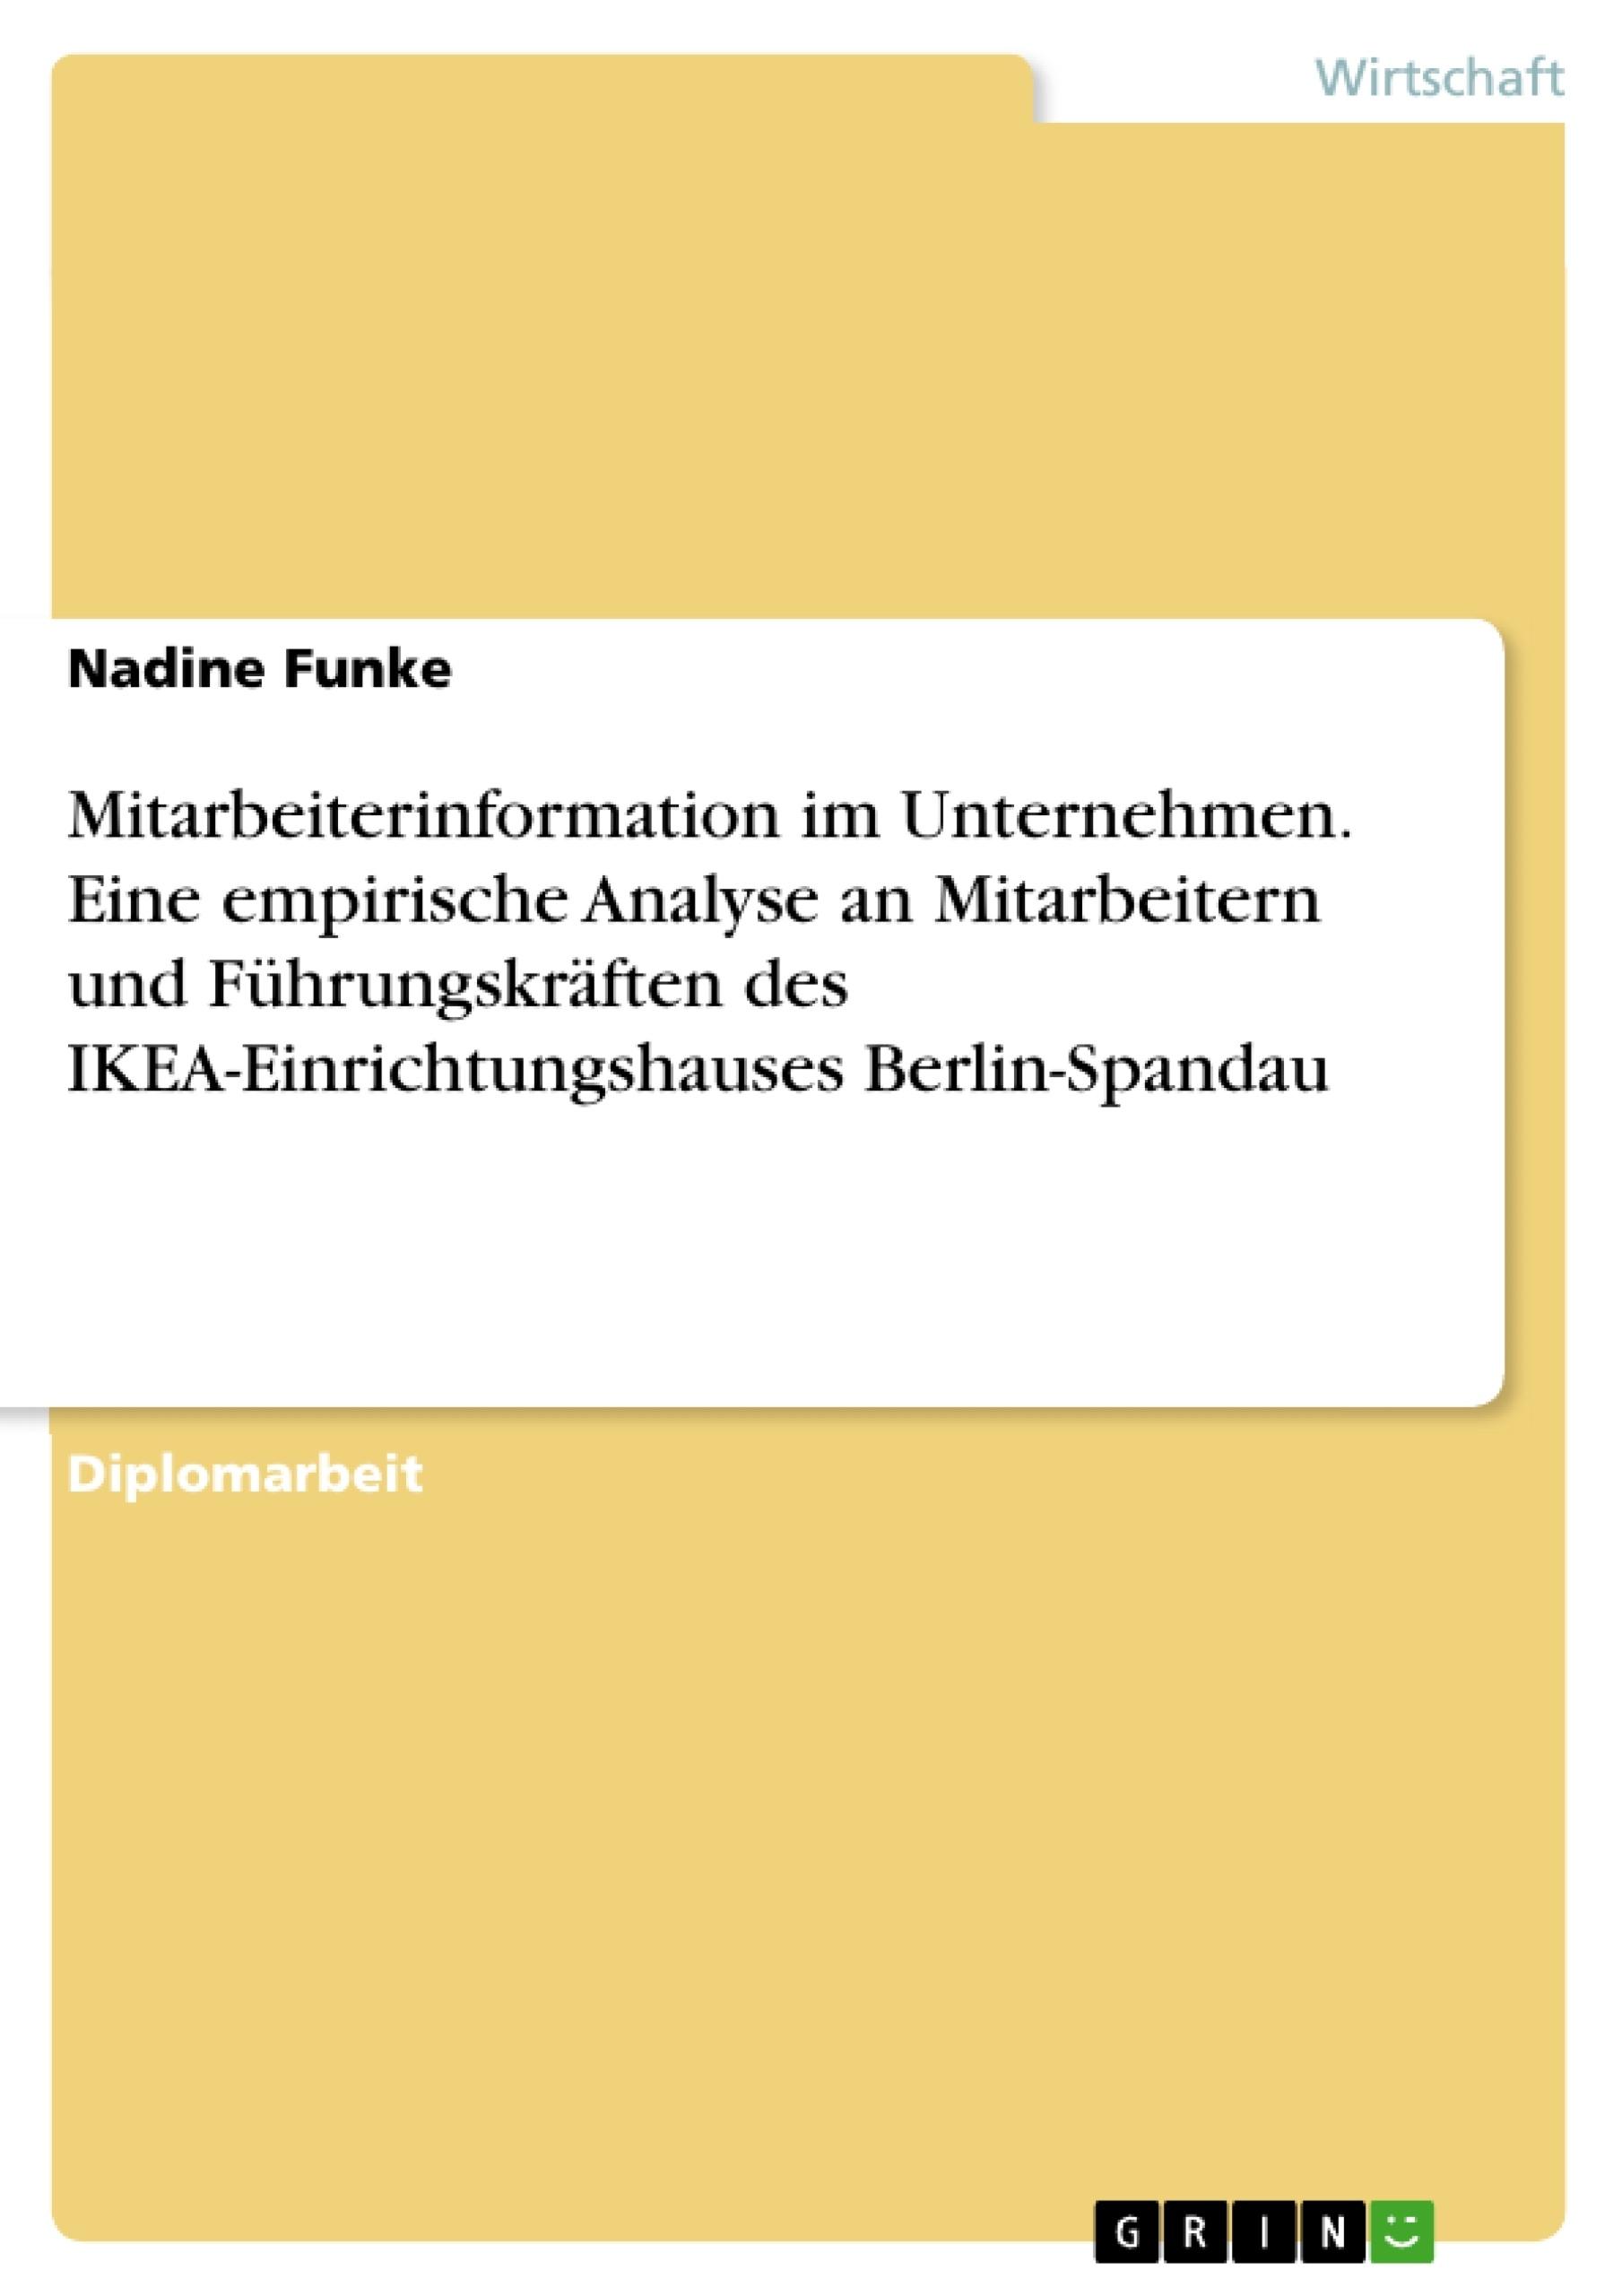 Titel: Mitarbeiterinformation im Unternehmen. Eine empirische Analyse an Mitarbeitern und Führungskräften des IKEA-Einrichtungshauses Berlin-Spandau